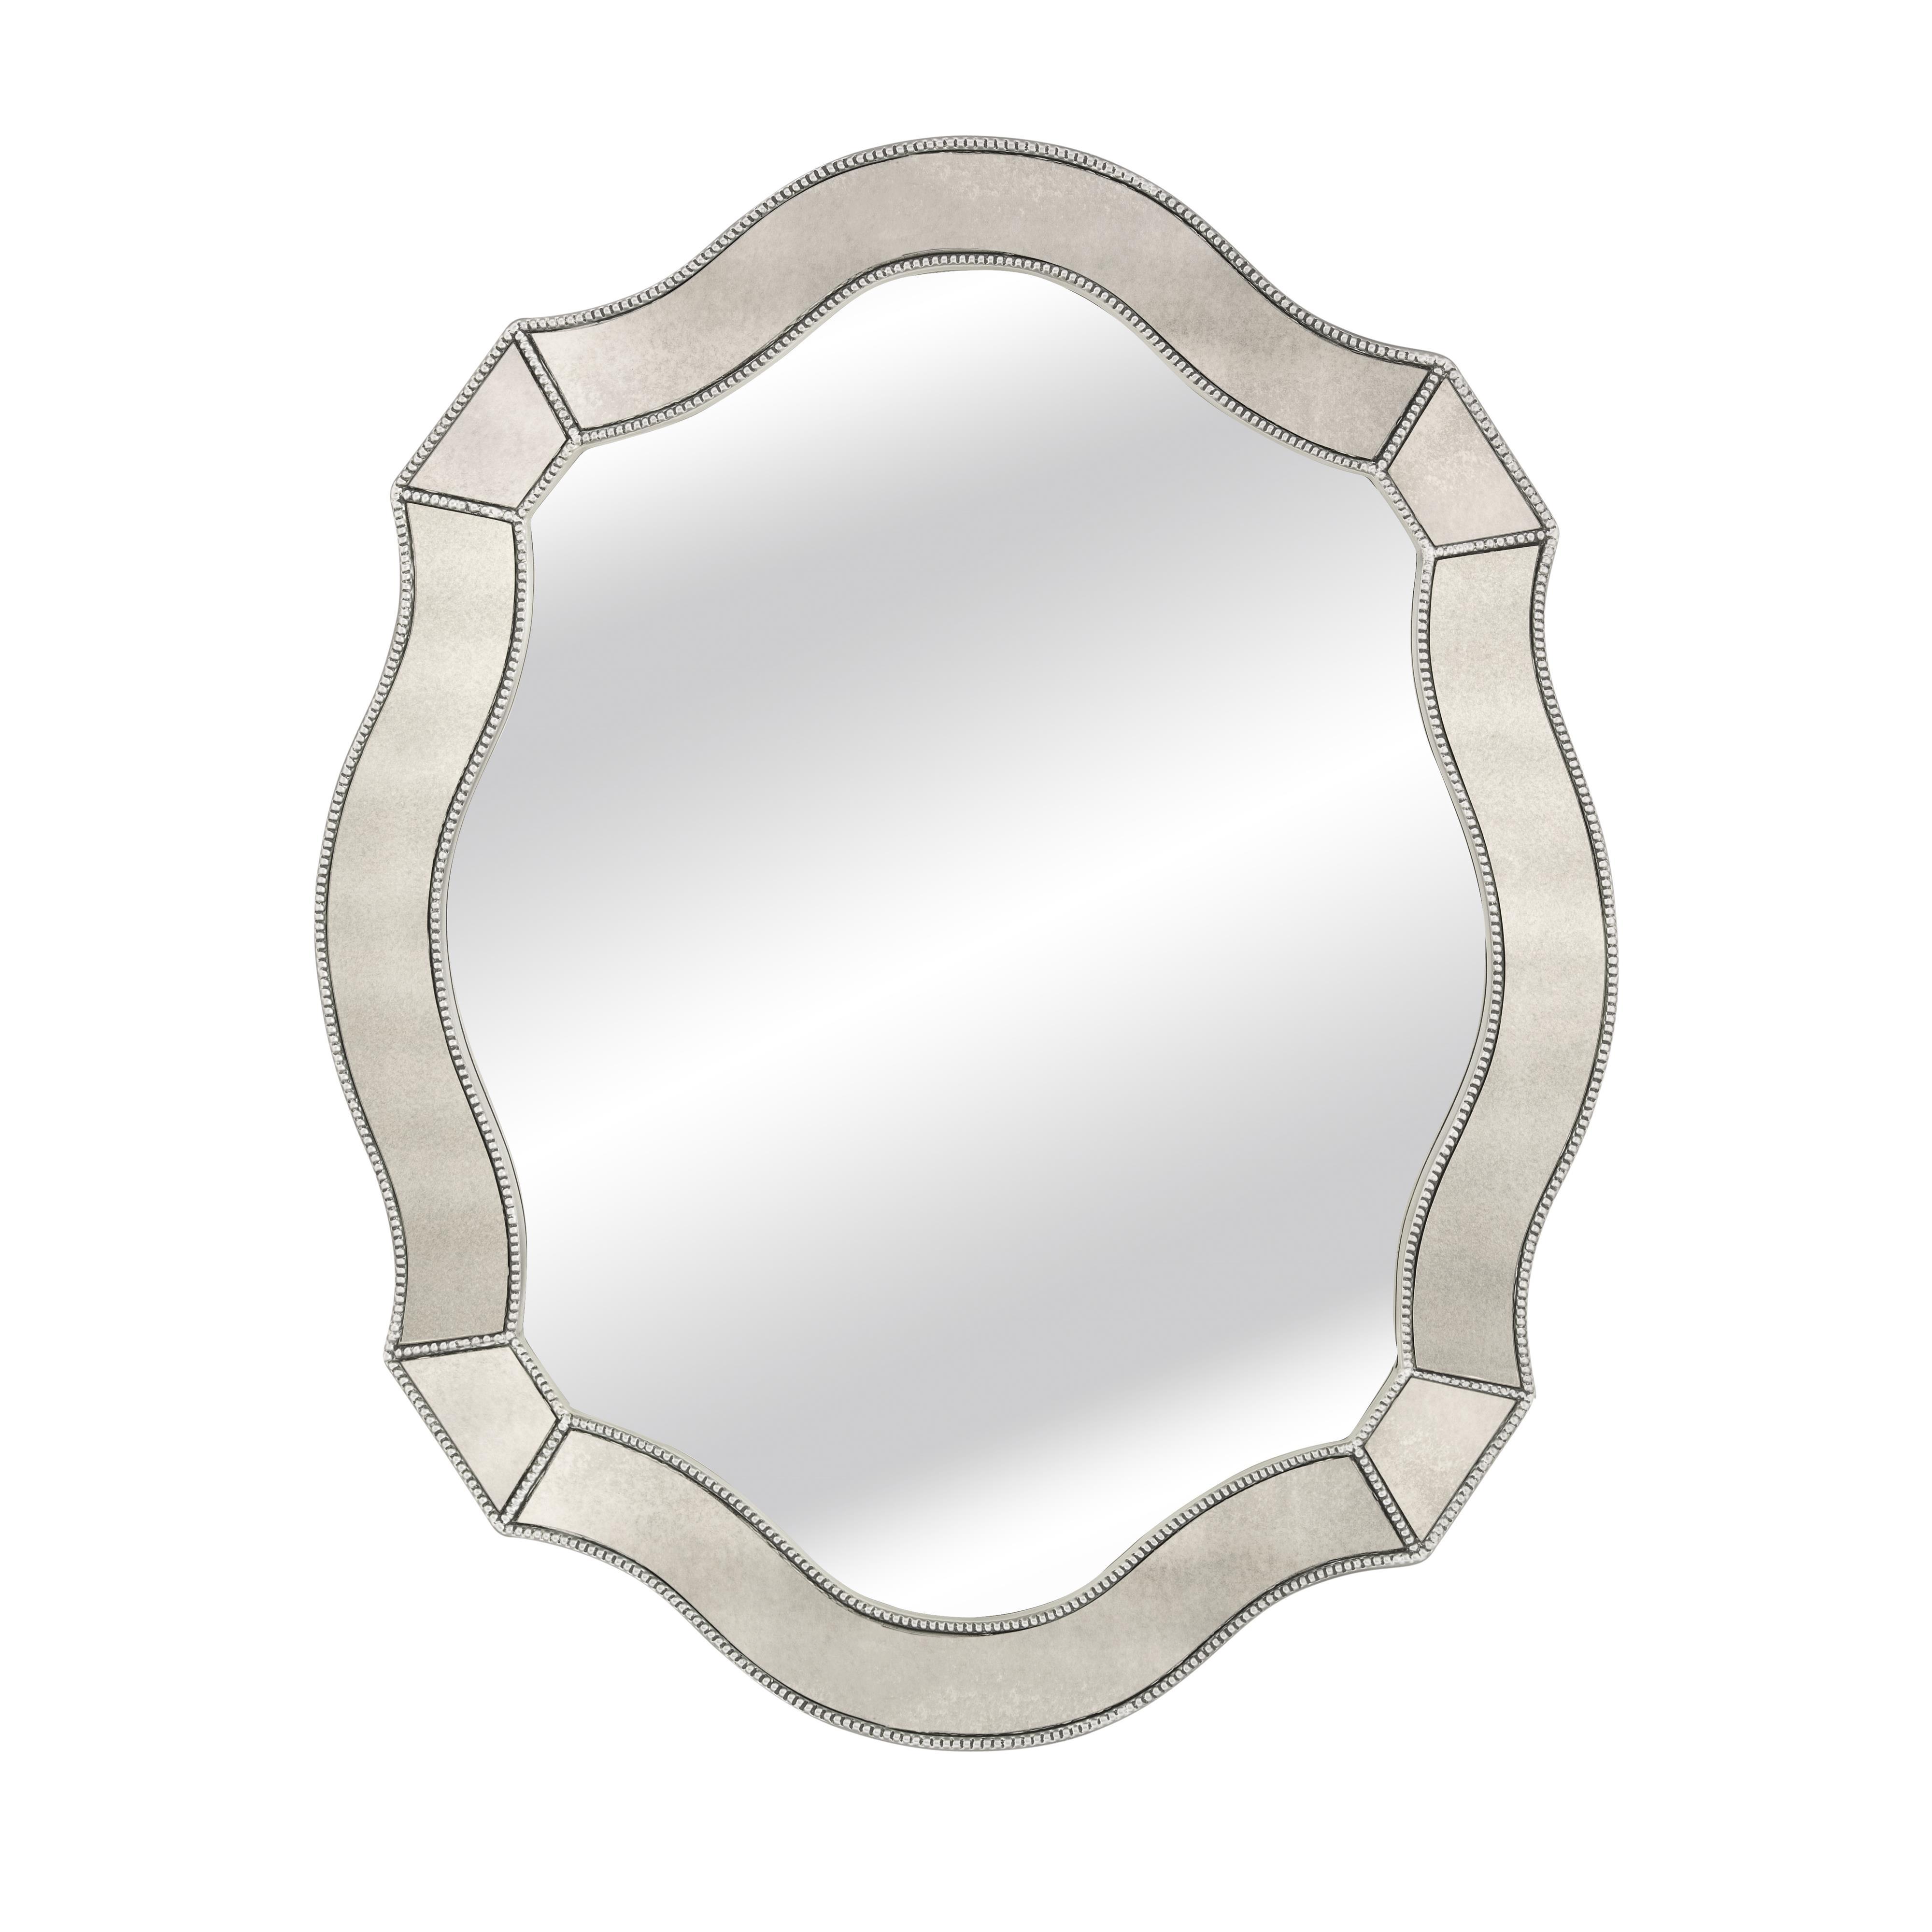 Zandra Wall Mirror